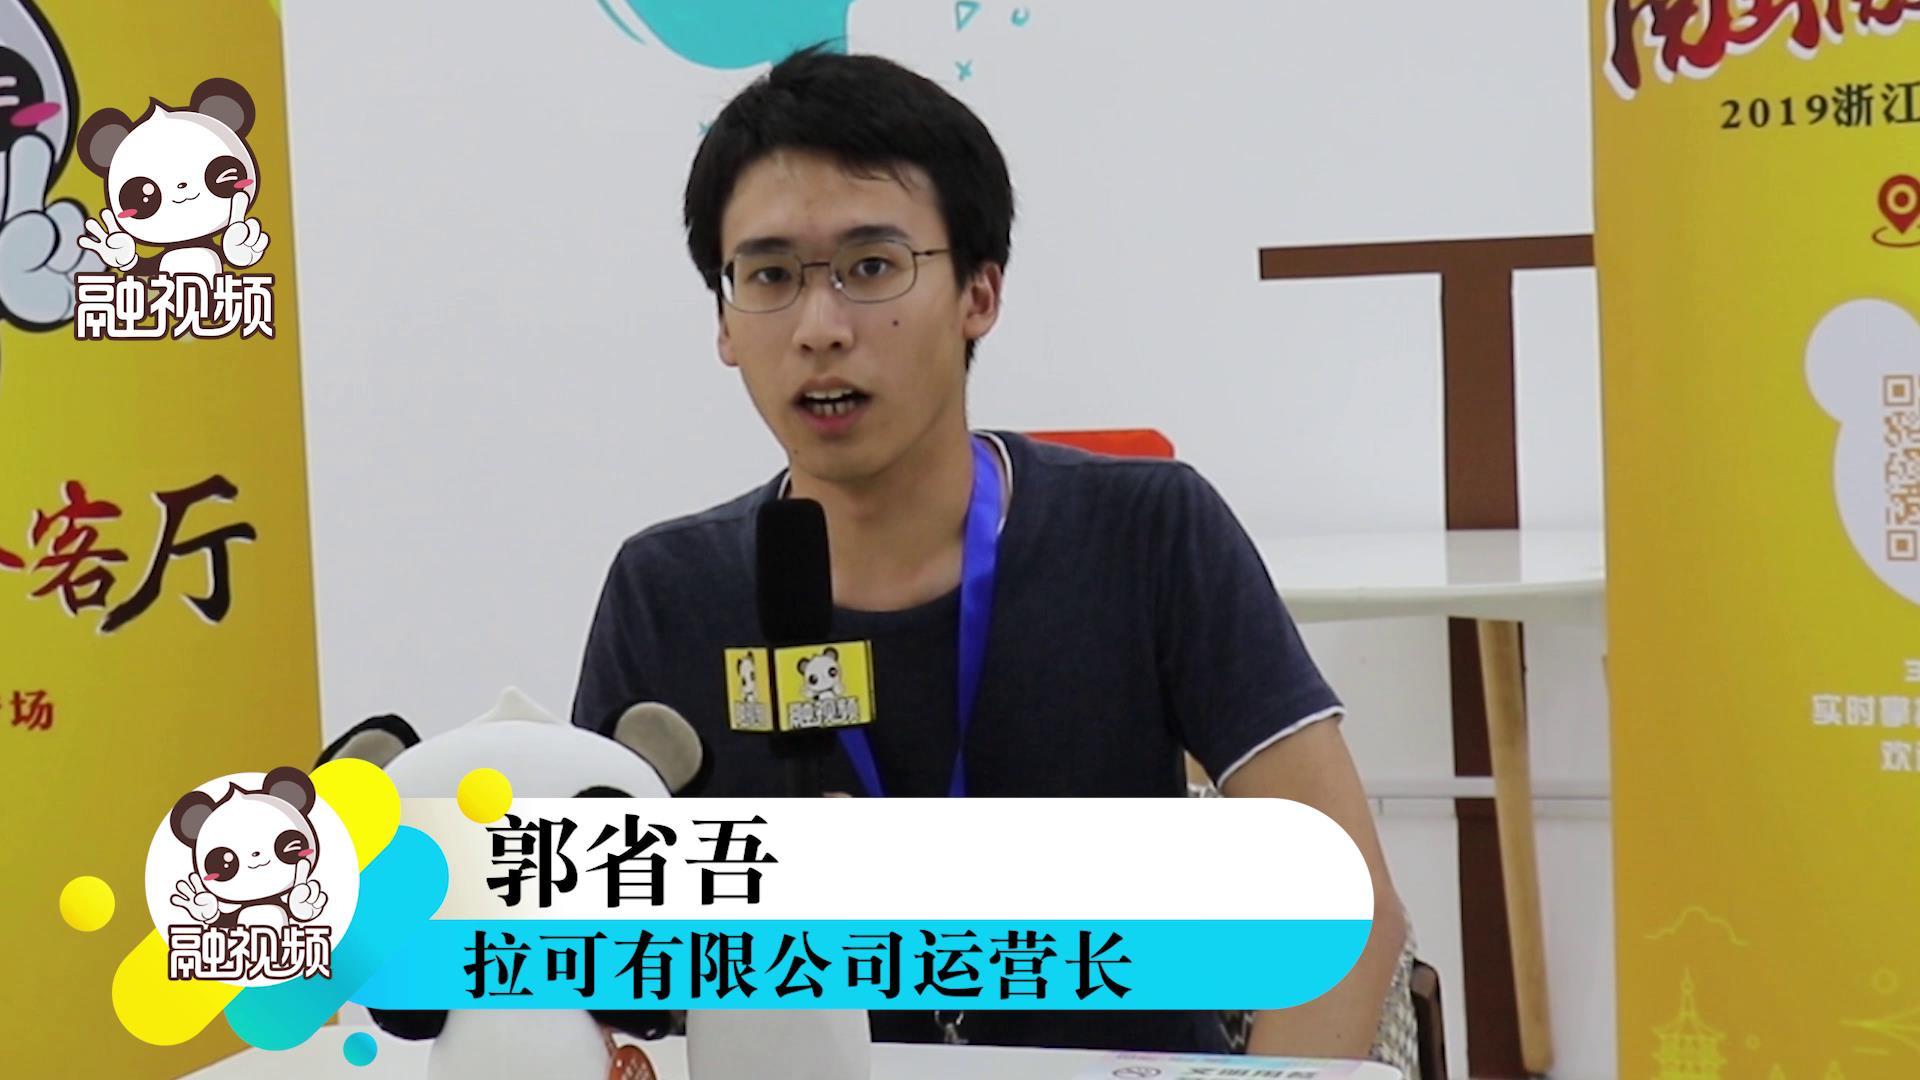 专访拉可有限公司运营长郭省吾图片